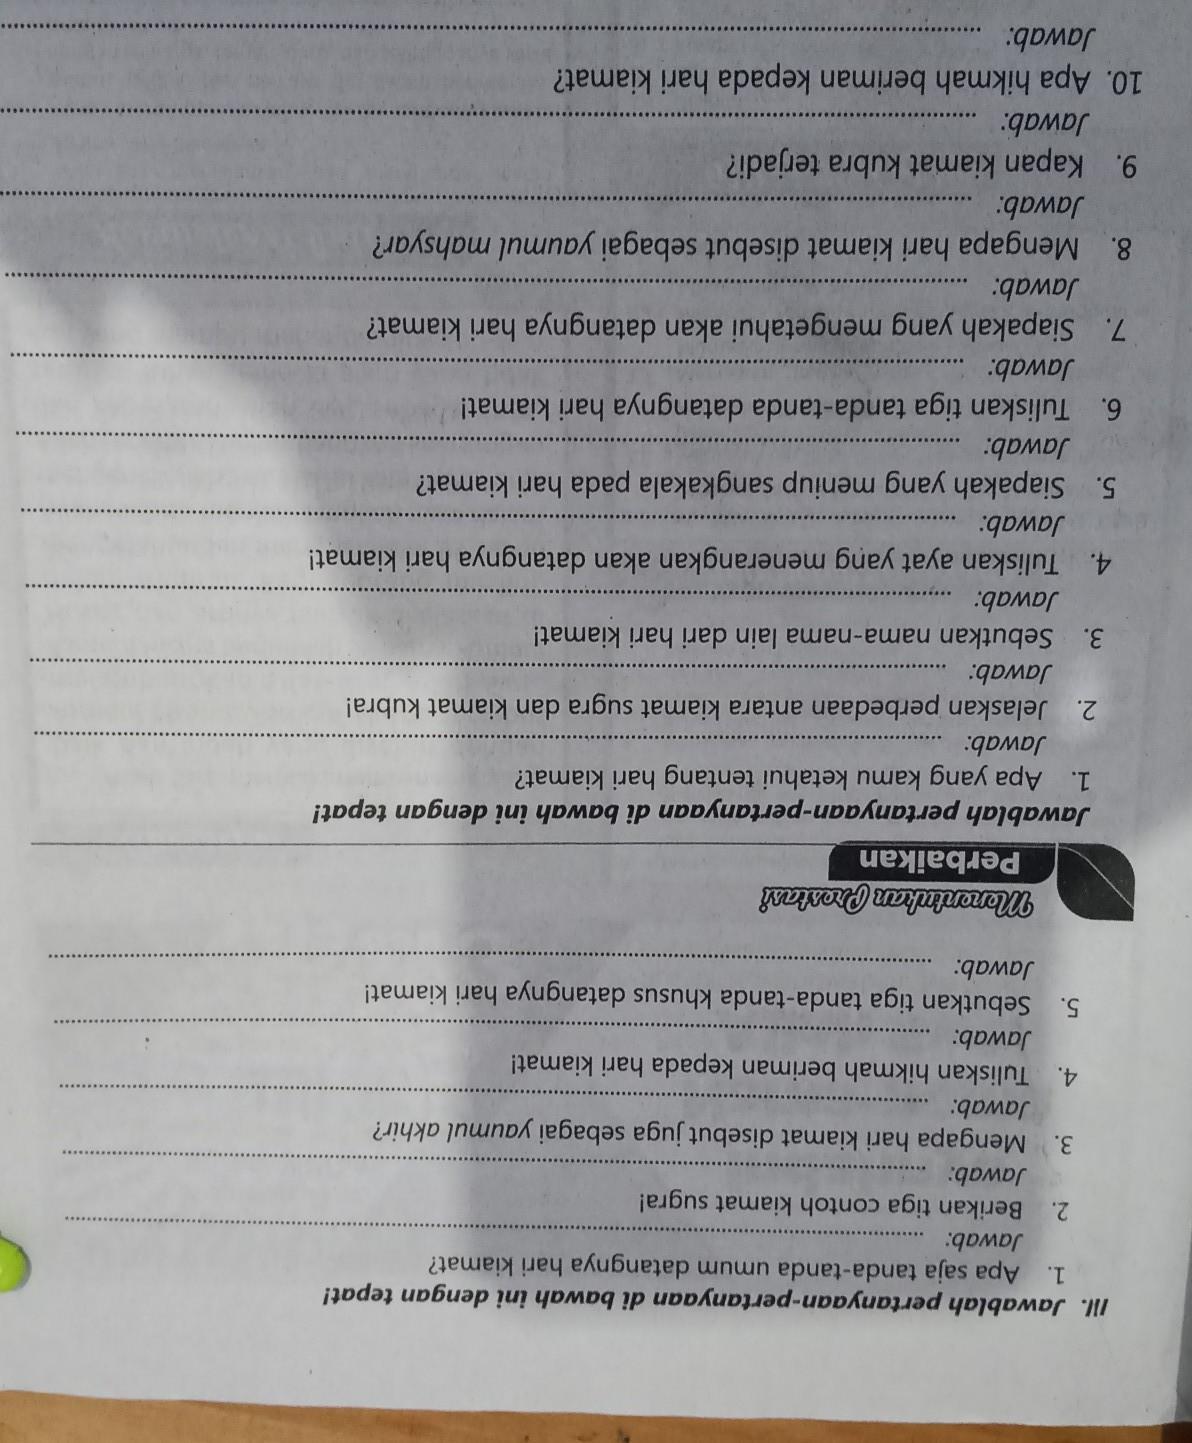 Sebutkan 10 Tanda-tanda Kiamat Kubra : sebutkan, tanda-tanda, kiamat, kubra, Jawab, Gampang, Nyamakasih, Jawabno, 1-10makasih, Brainly.co.id